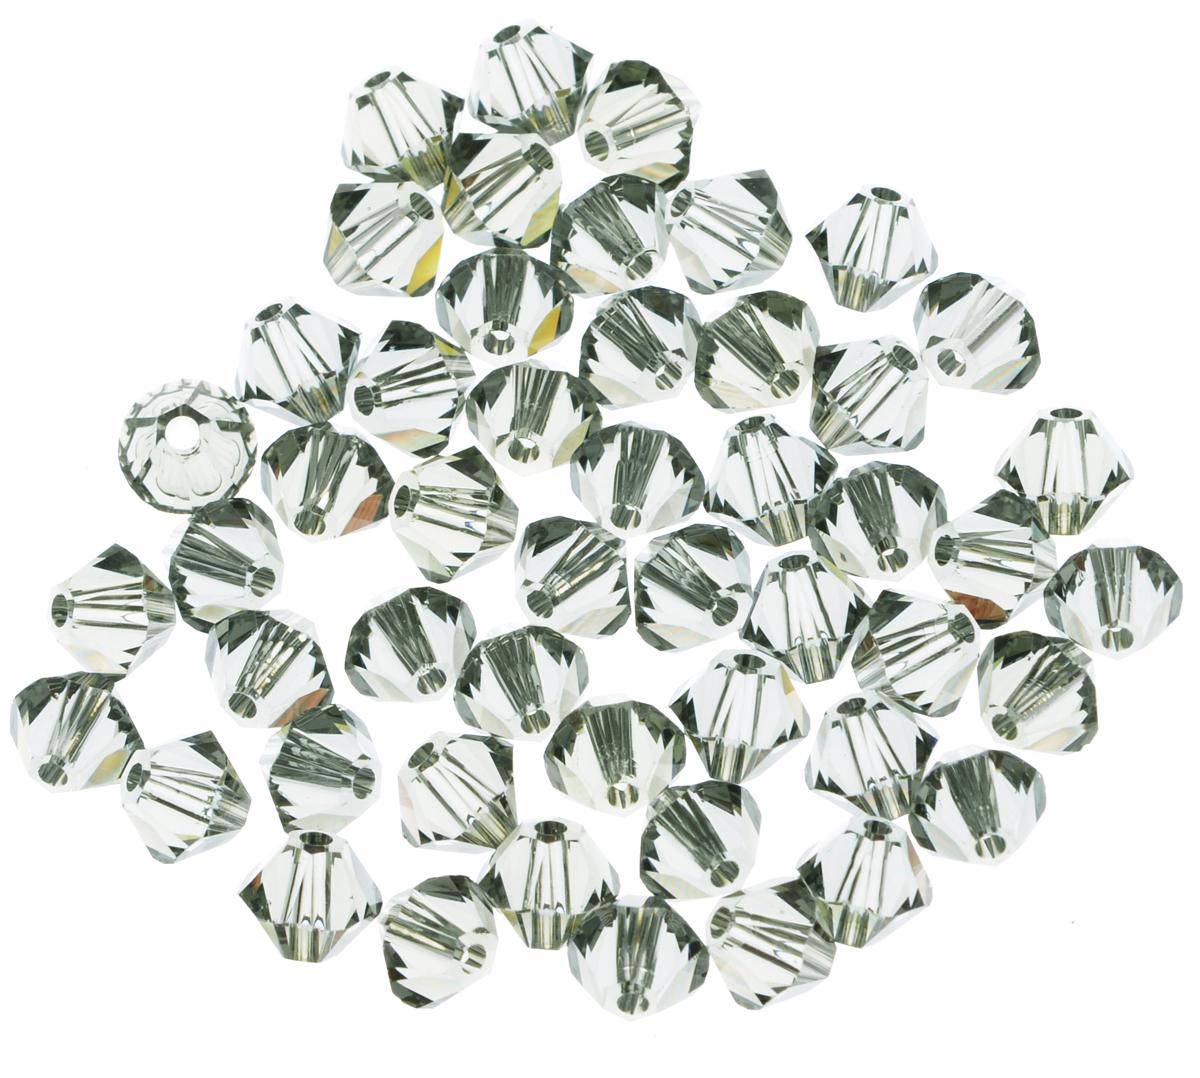 Бусины Swarovski Elements, цвет: серый (black diamond), диаметр 4 мм, 50 шт389027_black diamondНабор бусин Swarovski Elements, изготовленный из стекла, позволит вам своими руками создать оригинальные ожерелья, бусы или браслеты. Изготовление украшений - занимательное хобби и реализация творческих способностей рукодельницы, это возможность создания неповторимого индивидуального подарка.